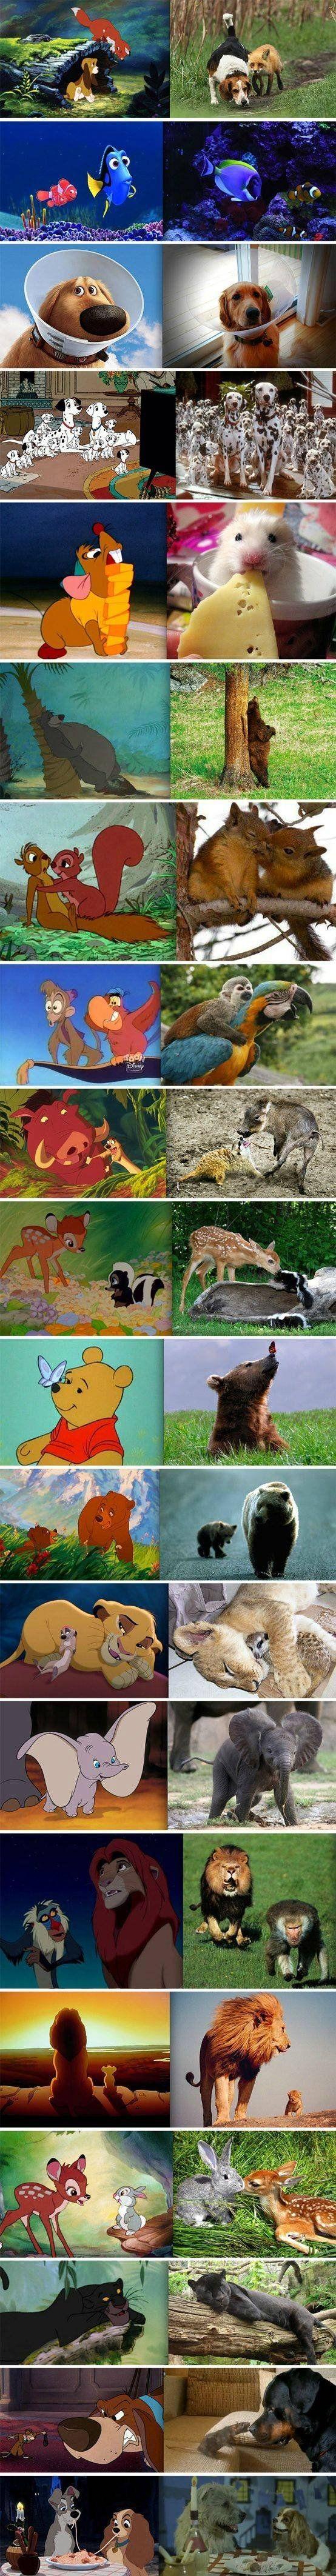 Disney im wahren Leben - Win Bild | Webfail - Fail Bilder und Fail Videos